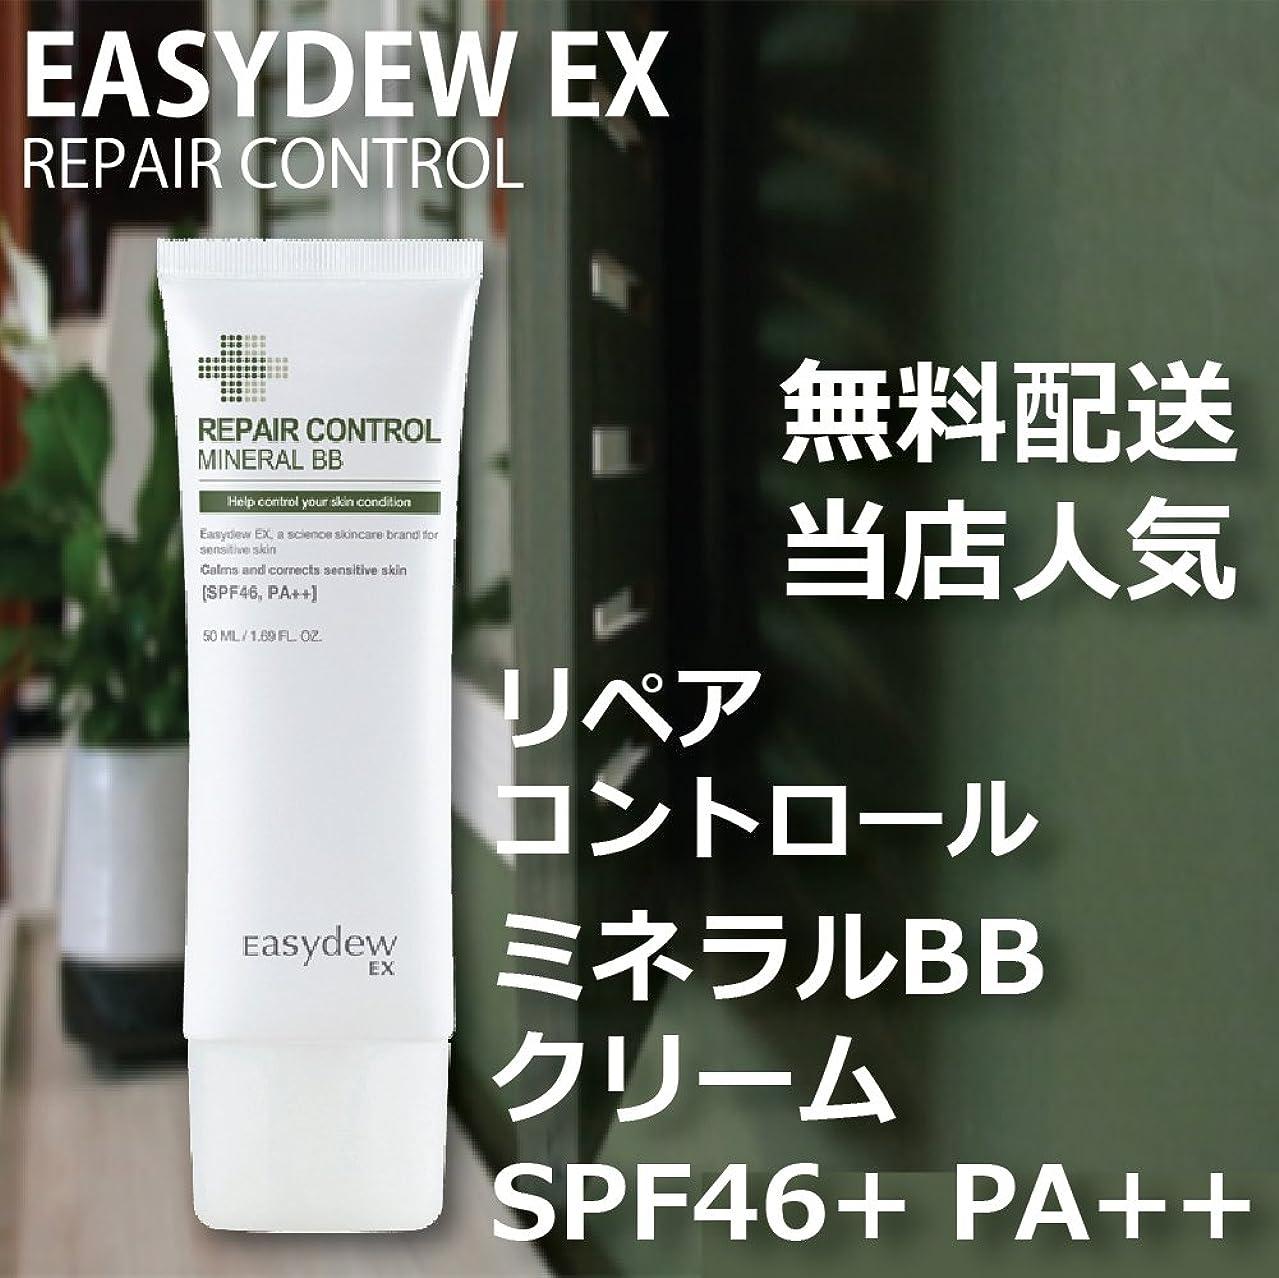 抵当リング反逆者EASY DEW EX ミネラル BBクリーム SPF46+ PA++ 50ml MINRAL BB CREAM 韓国 人気 コスメ イージーデュー 敏感 乾燥 美白 しわ 3重機能性